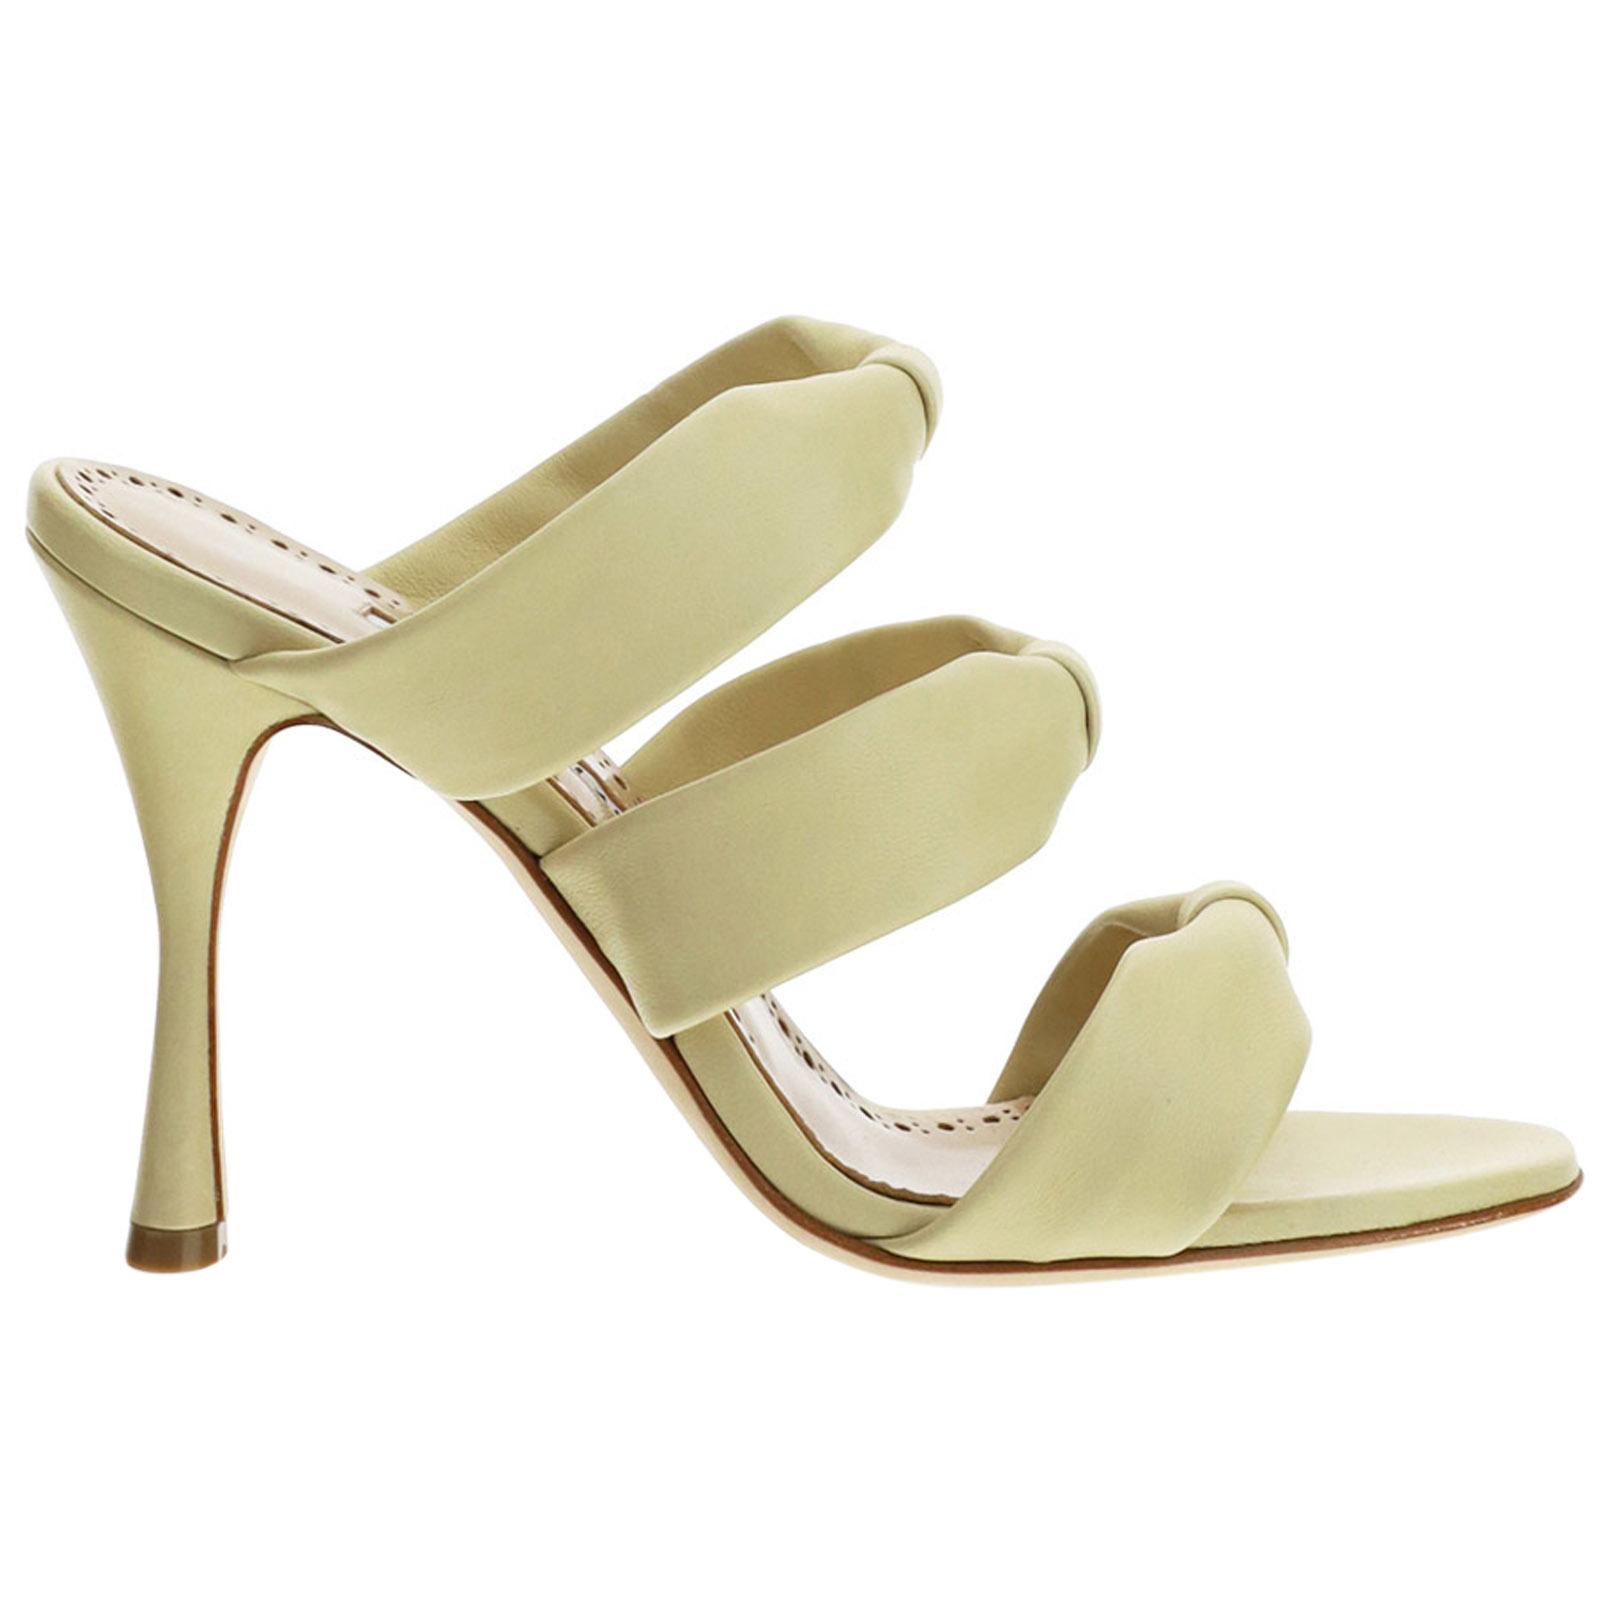 Manolo Blahnik High heels WOMEN'S LEATHER HEEL SANDALS